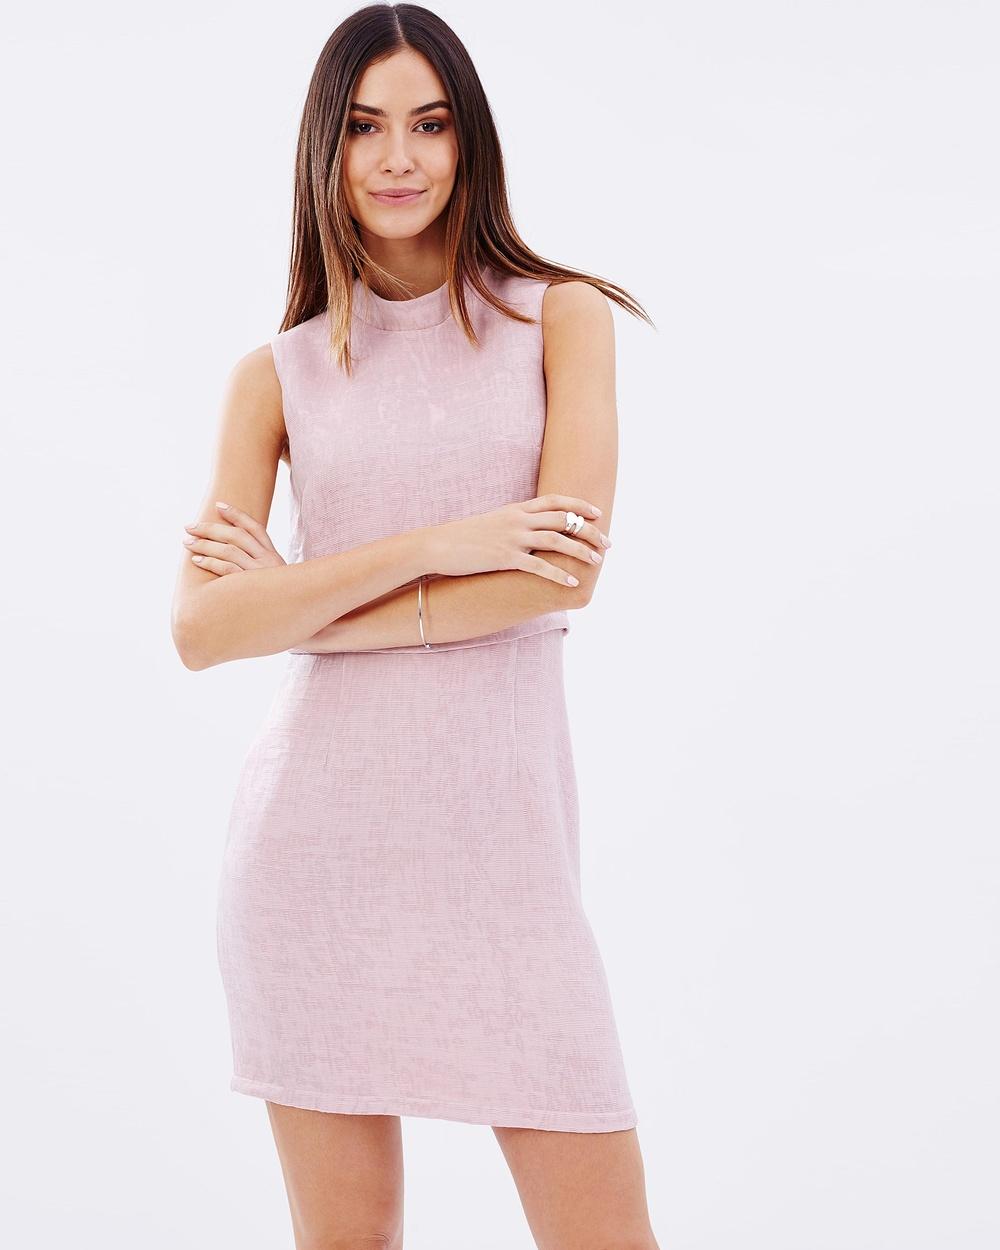 Atmos & Here Kayla layered dress $69.95